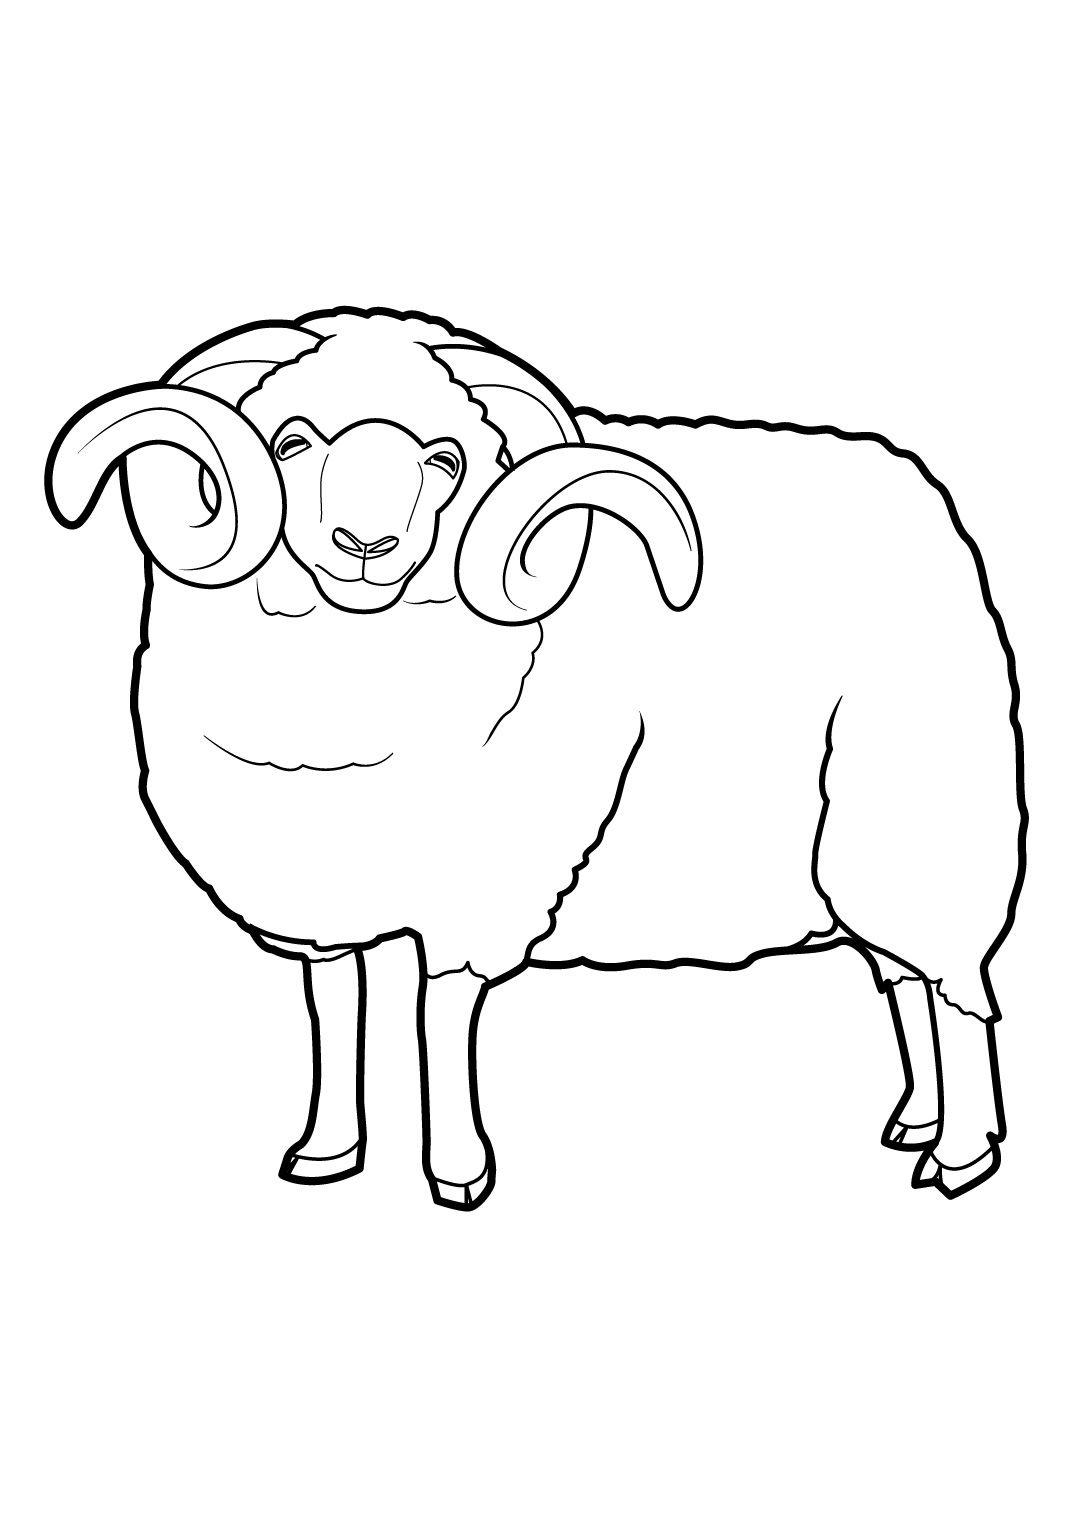 Coloriage Mouton A Imprimer 16 | Coloriage Mouton, Image serapportantà Mouton À Colorier